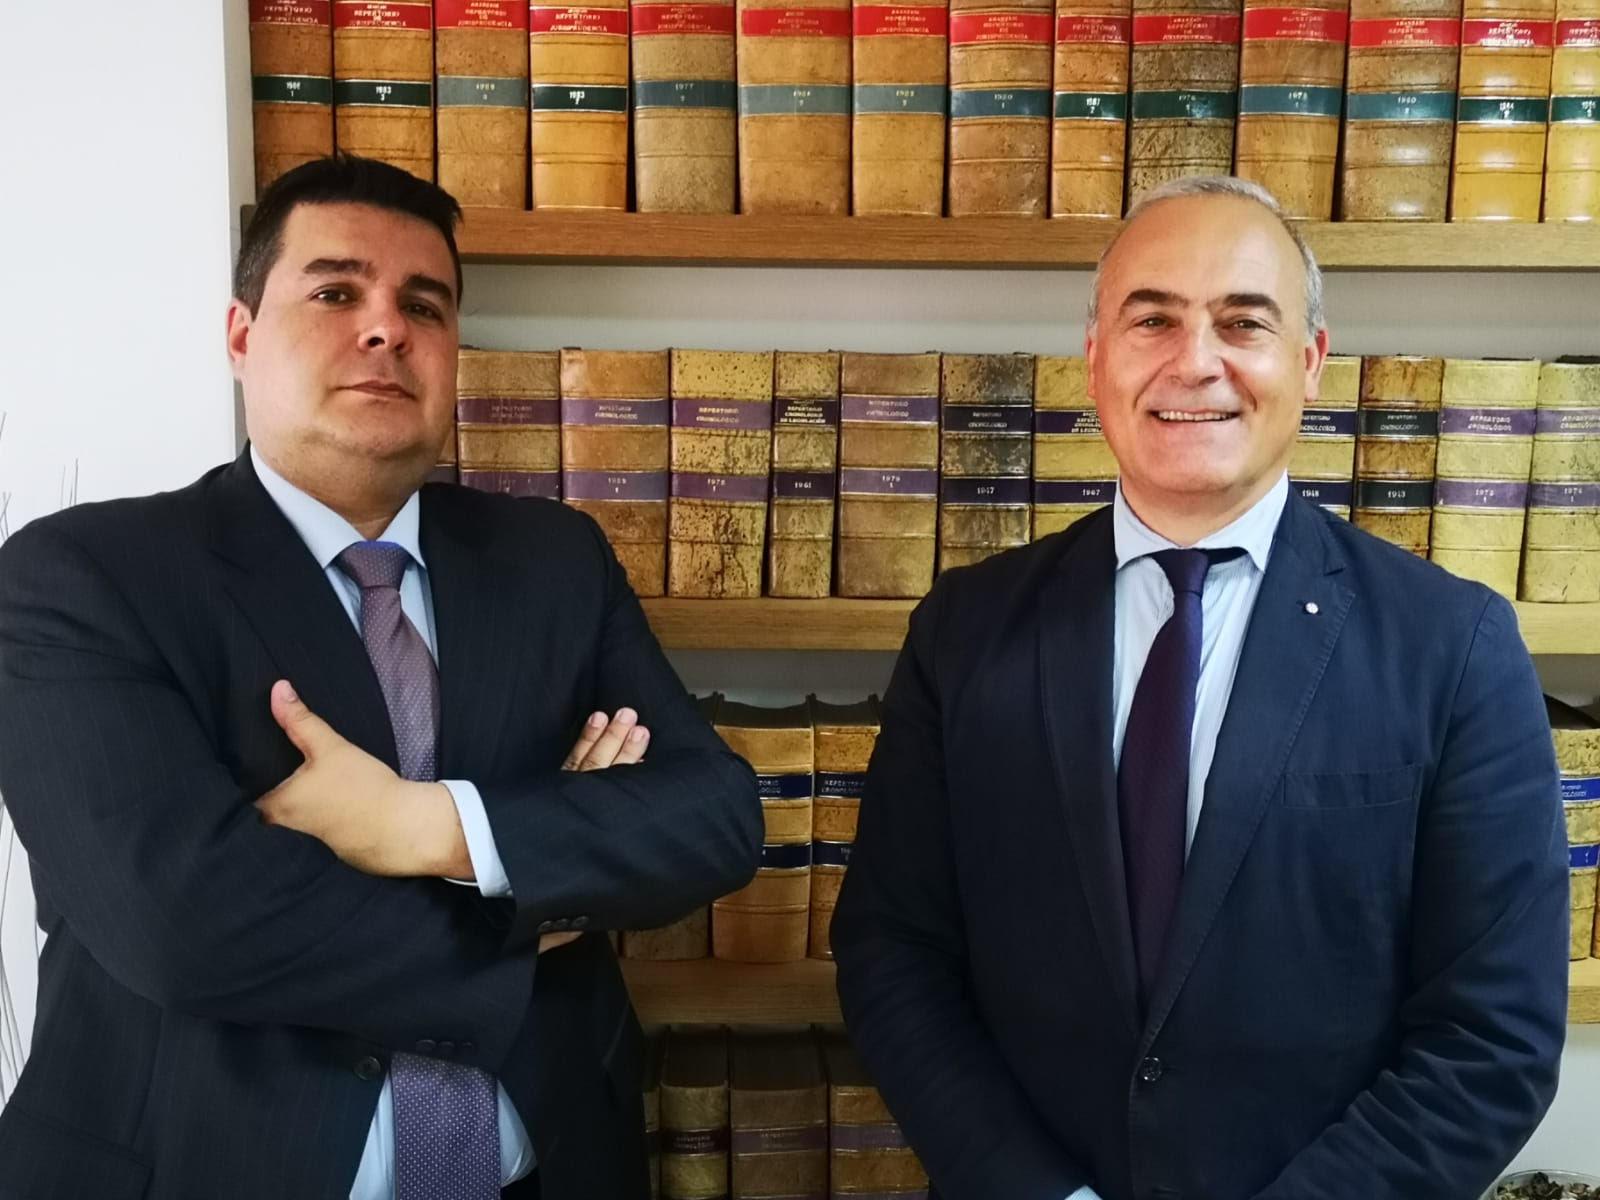 Quercus-Superbia Jurídico, y miembro de Legal Touch cambia su sede al corazón financiero de la almendra madrileña